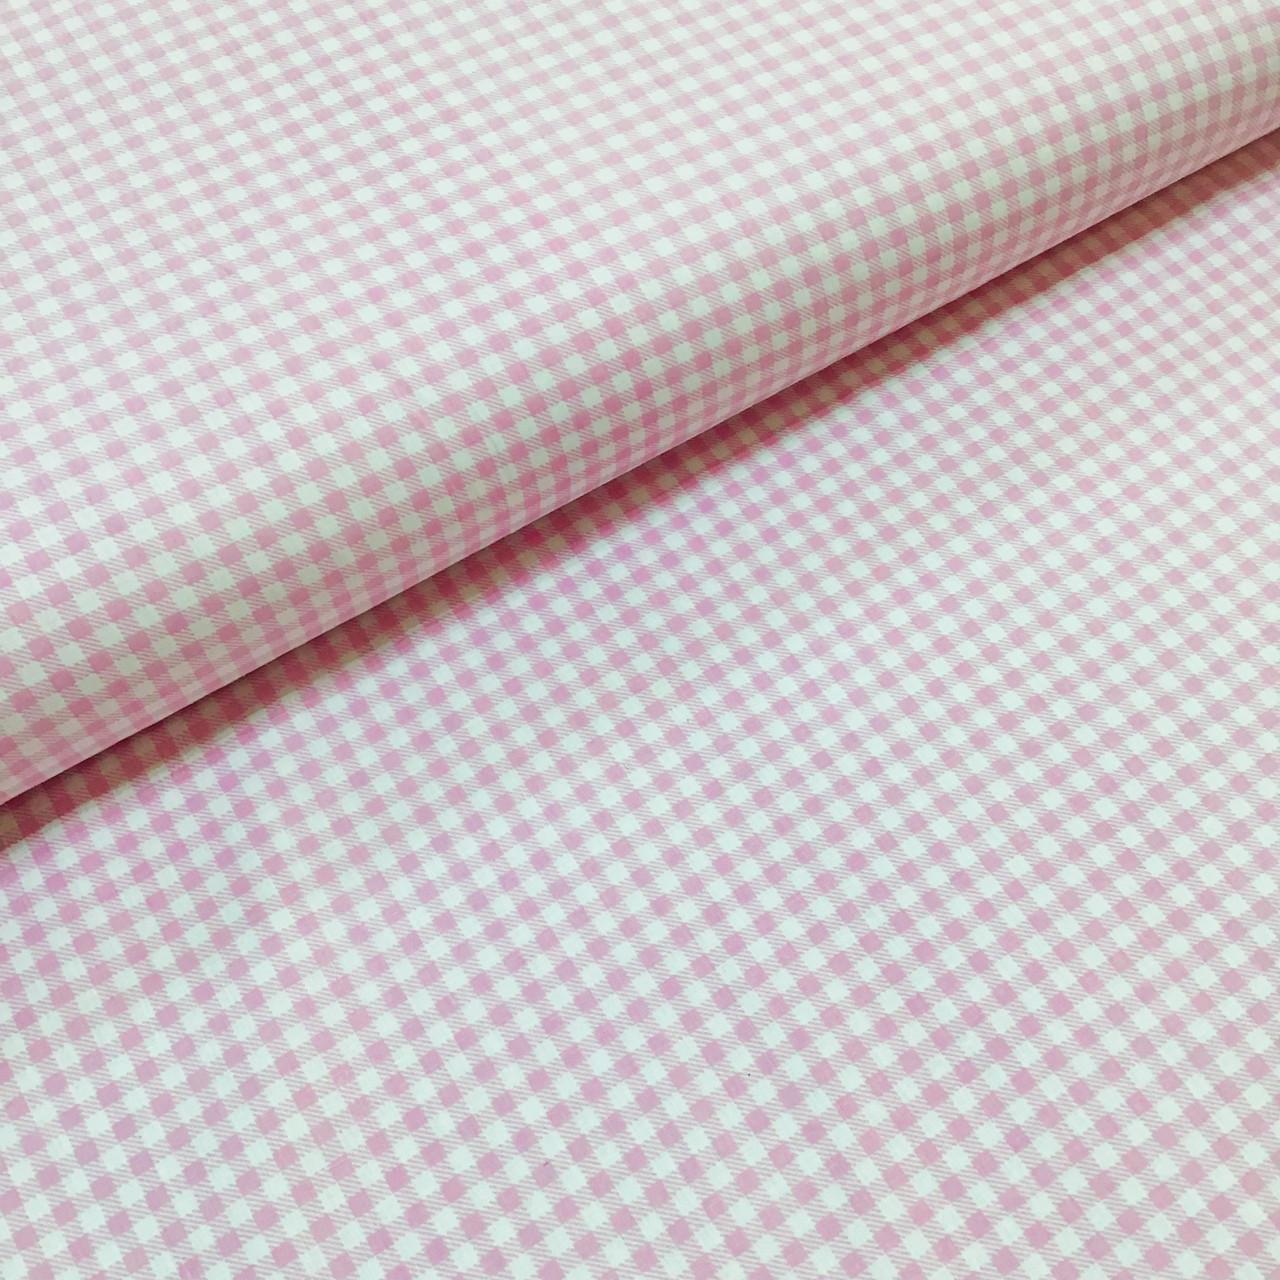 Тканина польська бавовняна, дрібна рожева клітка на білому